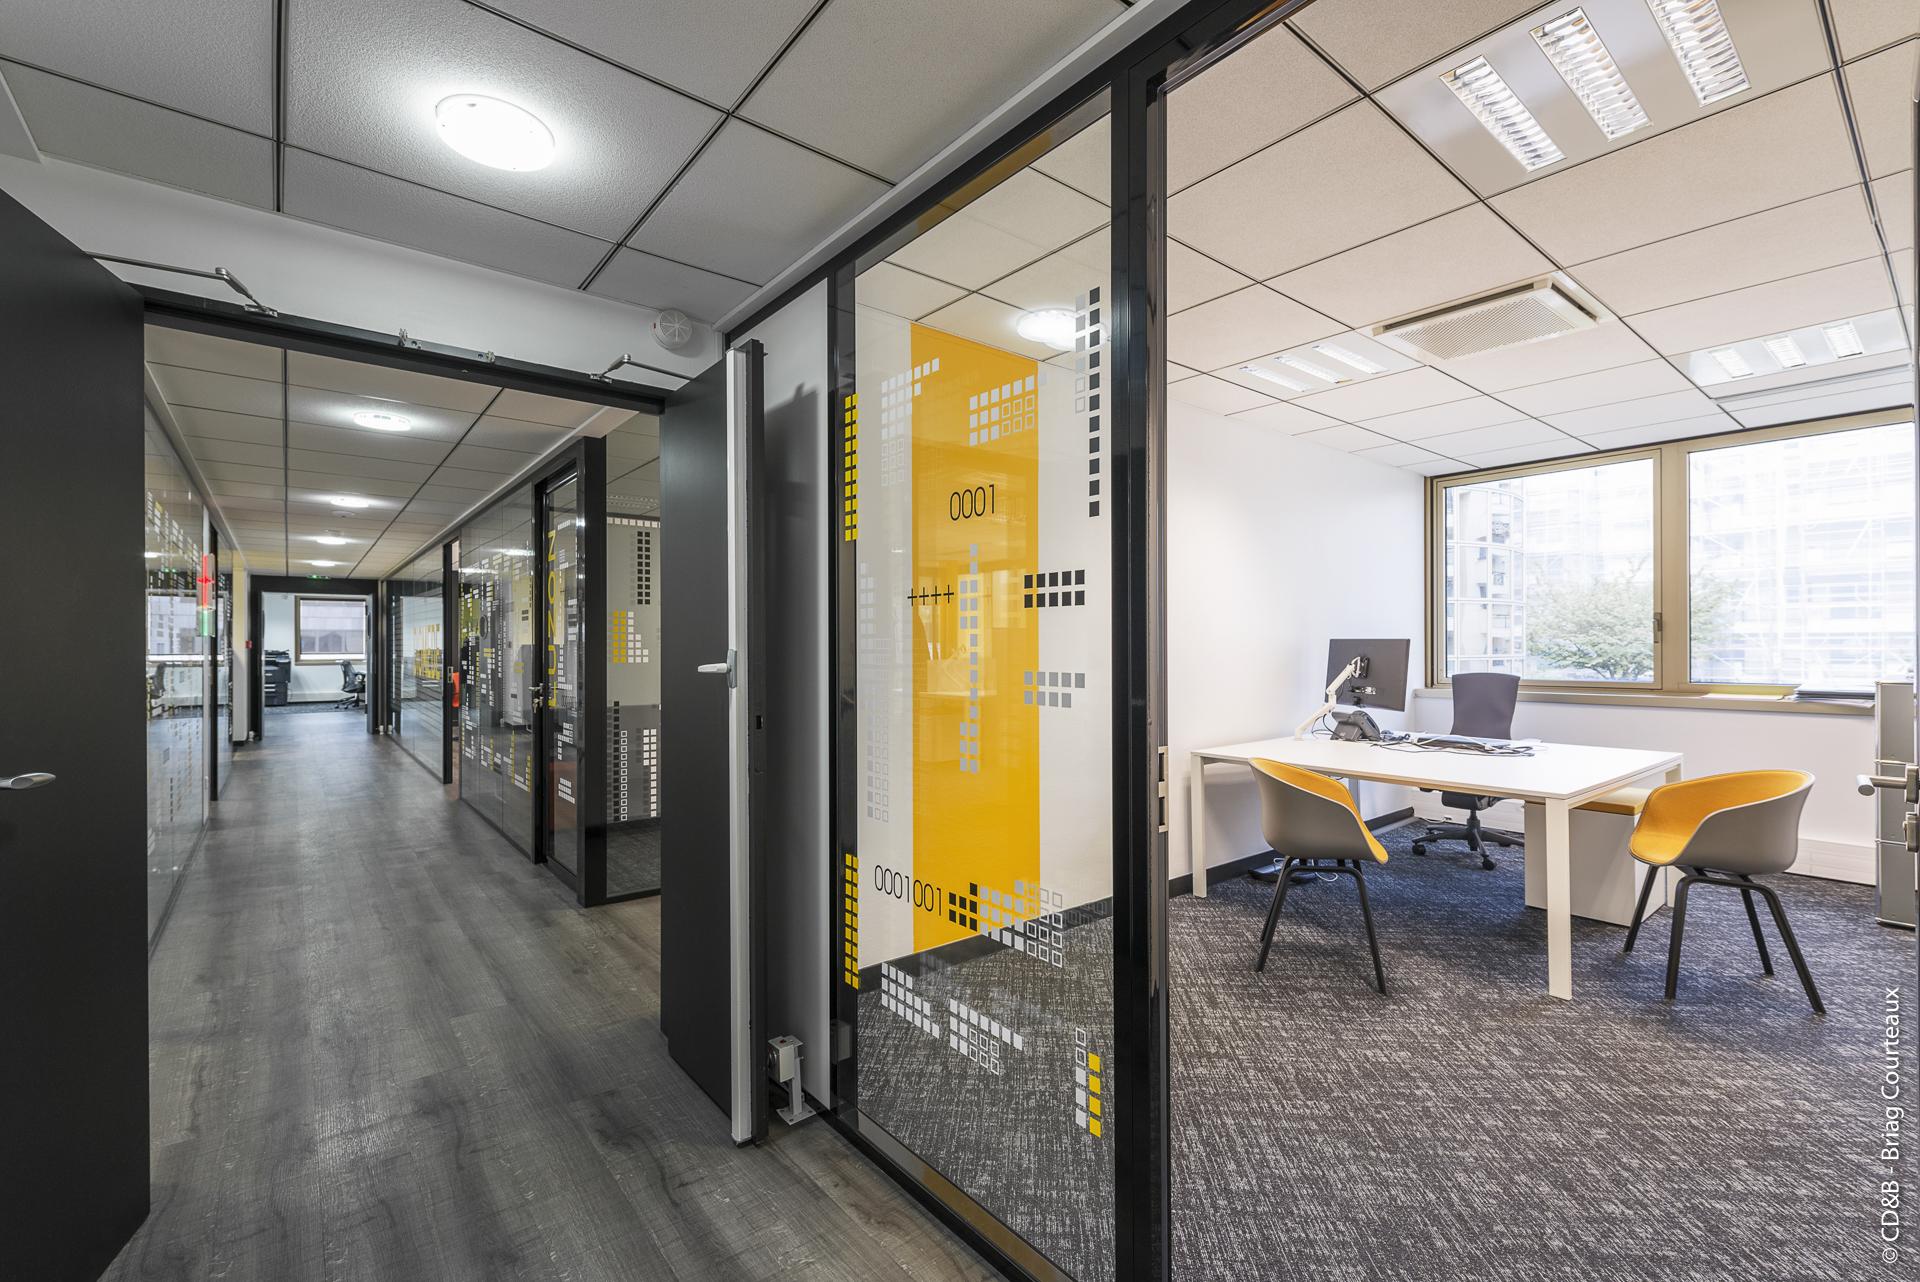 Conseil, aménagement, conception et réalisation des espaces de travail chez Ozitem par CDB, Meet you there.